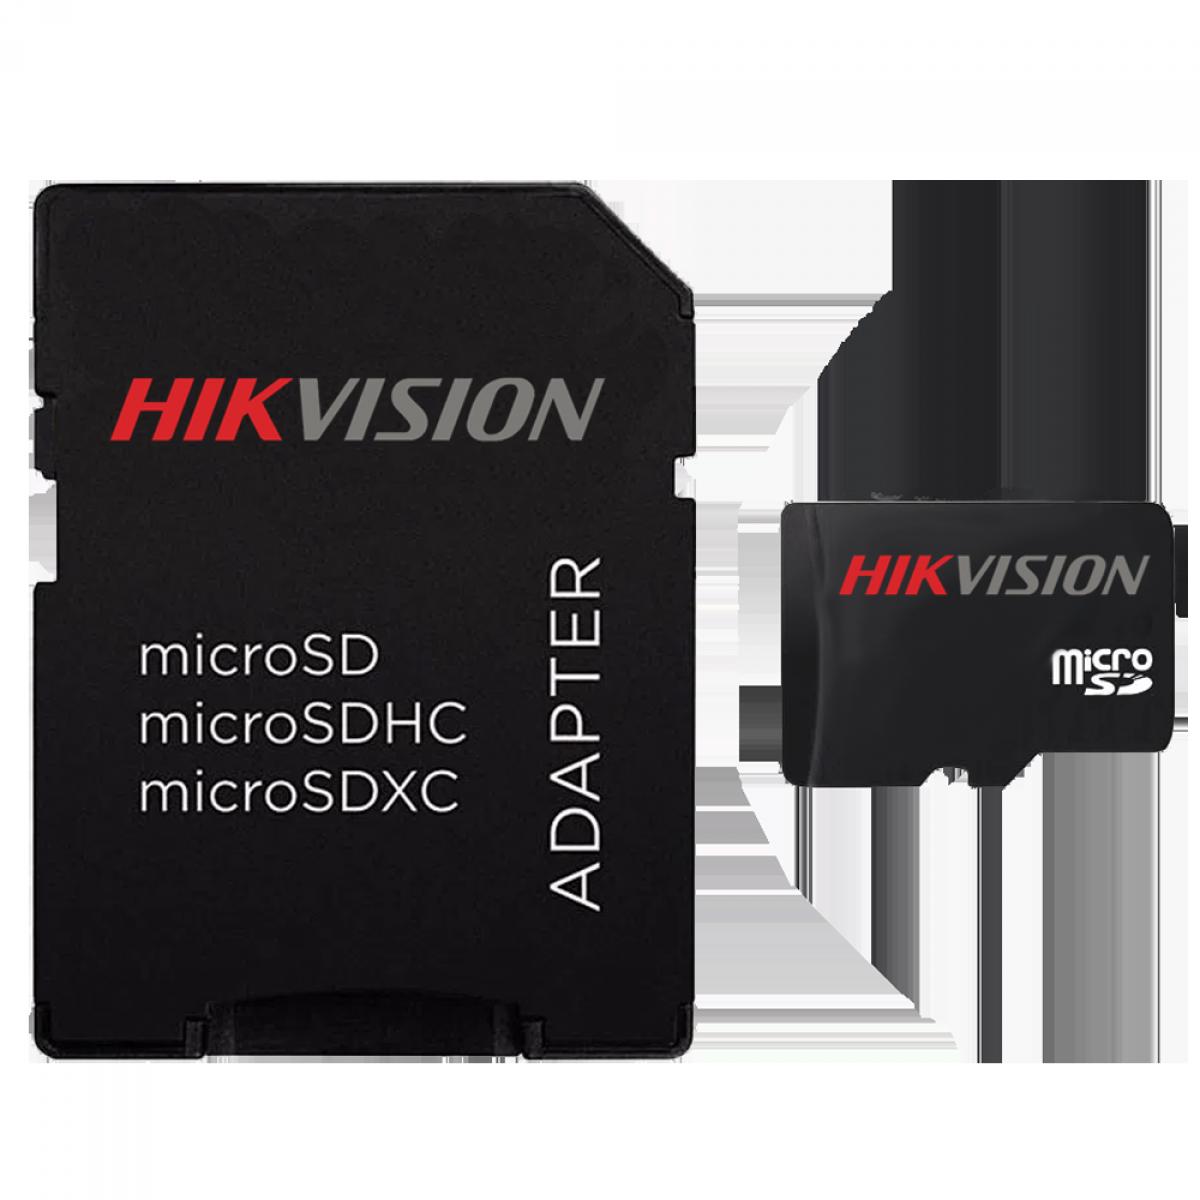 Cartão de Memória Hikvision Micro SDXC I, 128GB, V30, Class 10, HS-TF-C1/128G - COM ADAPTADOR